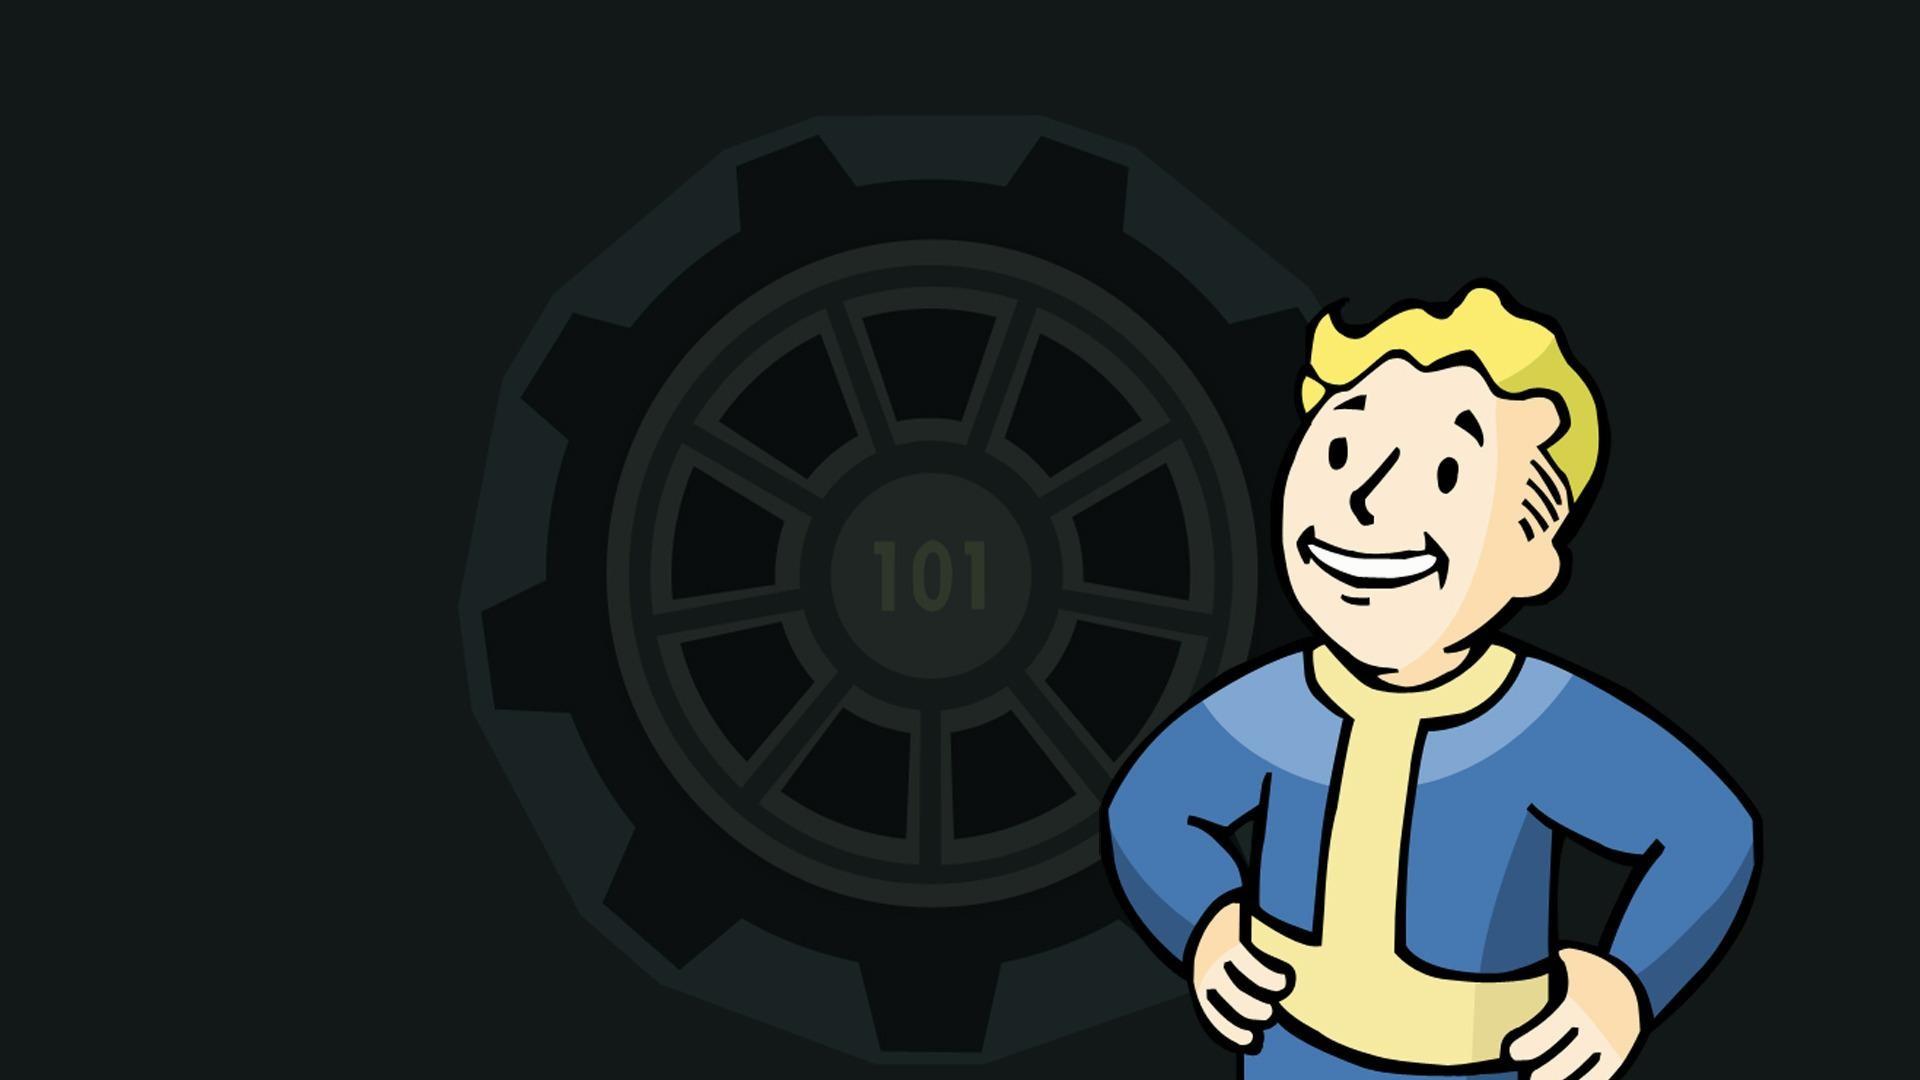 wallpaper.wiki-Desktop-Fallout-Pip-Boy-Images-PIC-